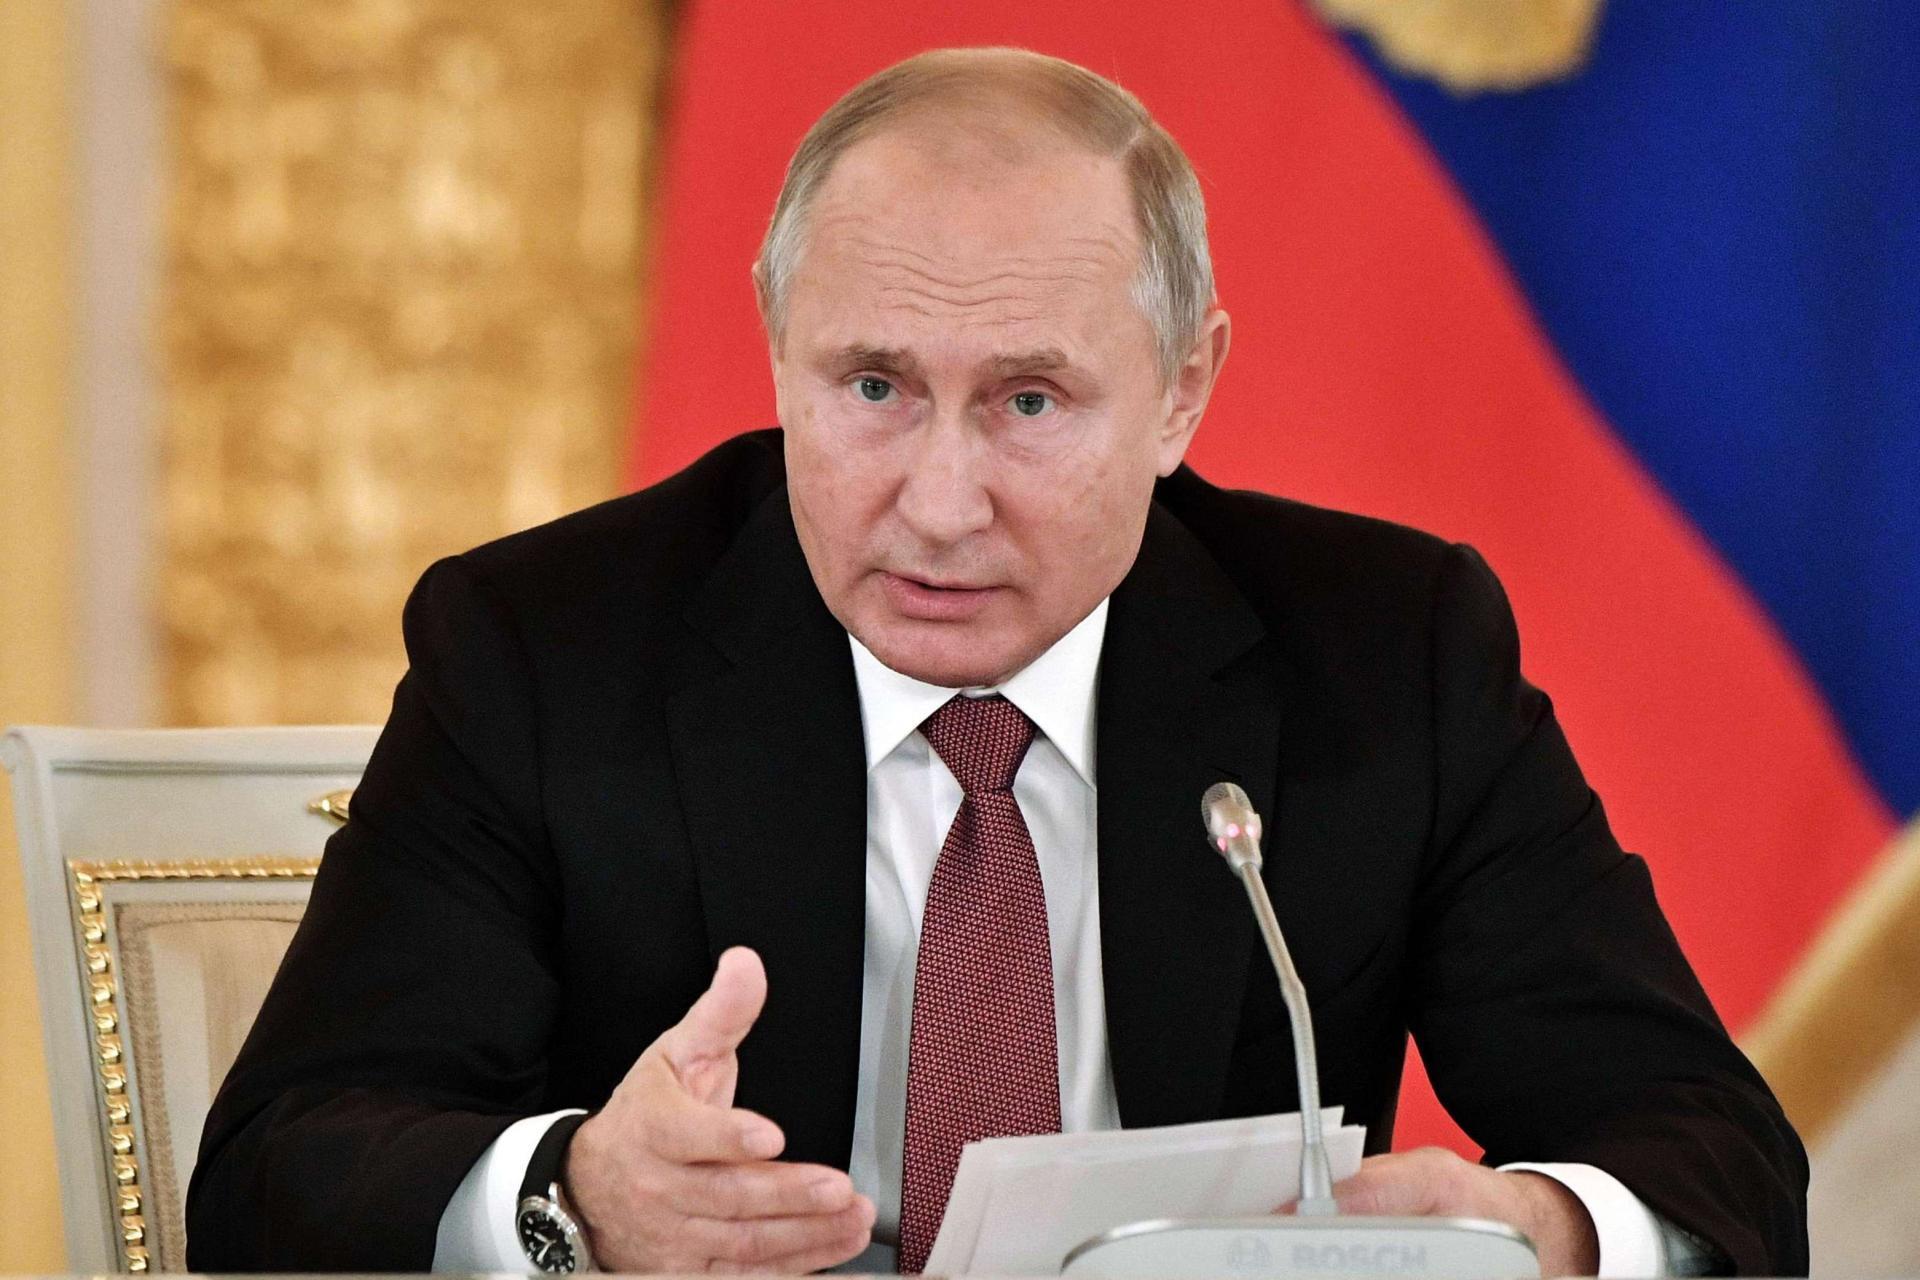 بوتين - الرئاسة الروسية - أوبك+